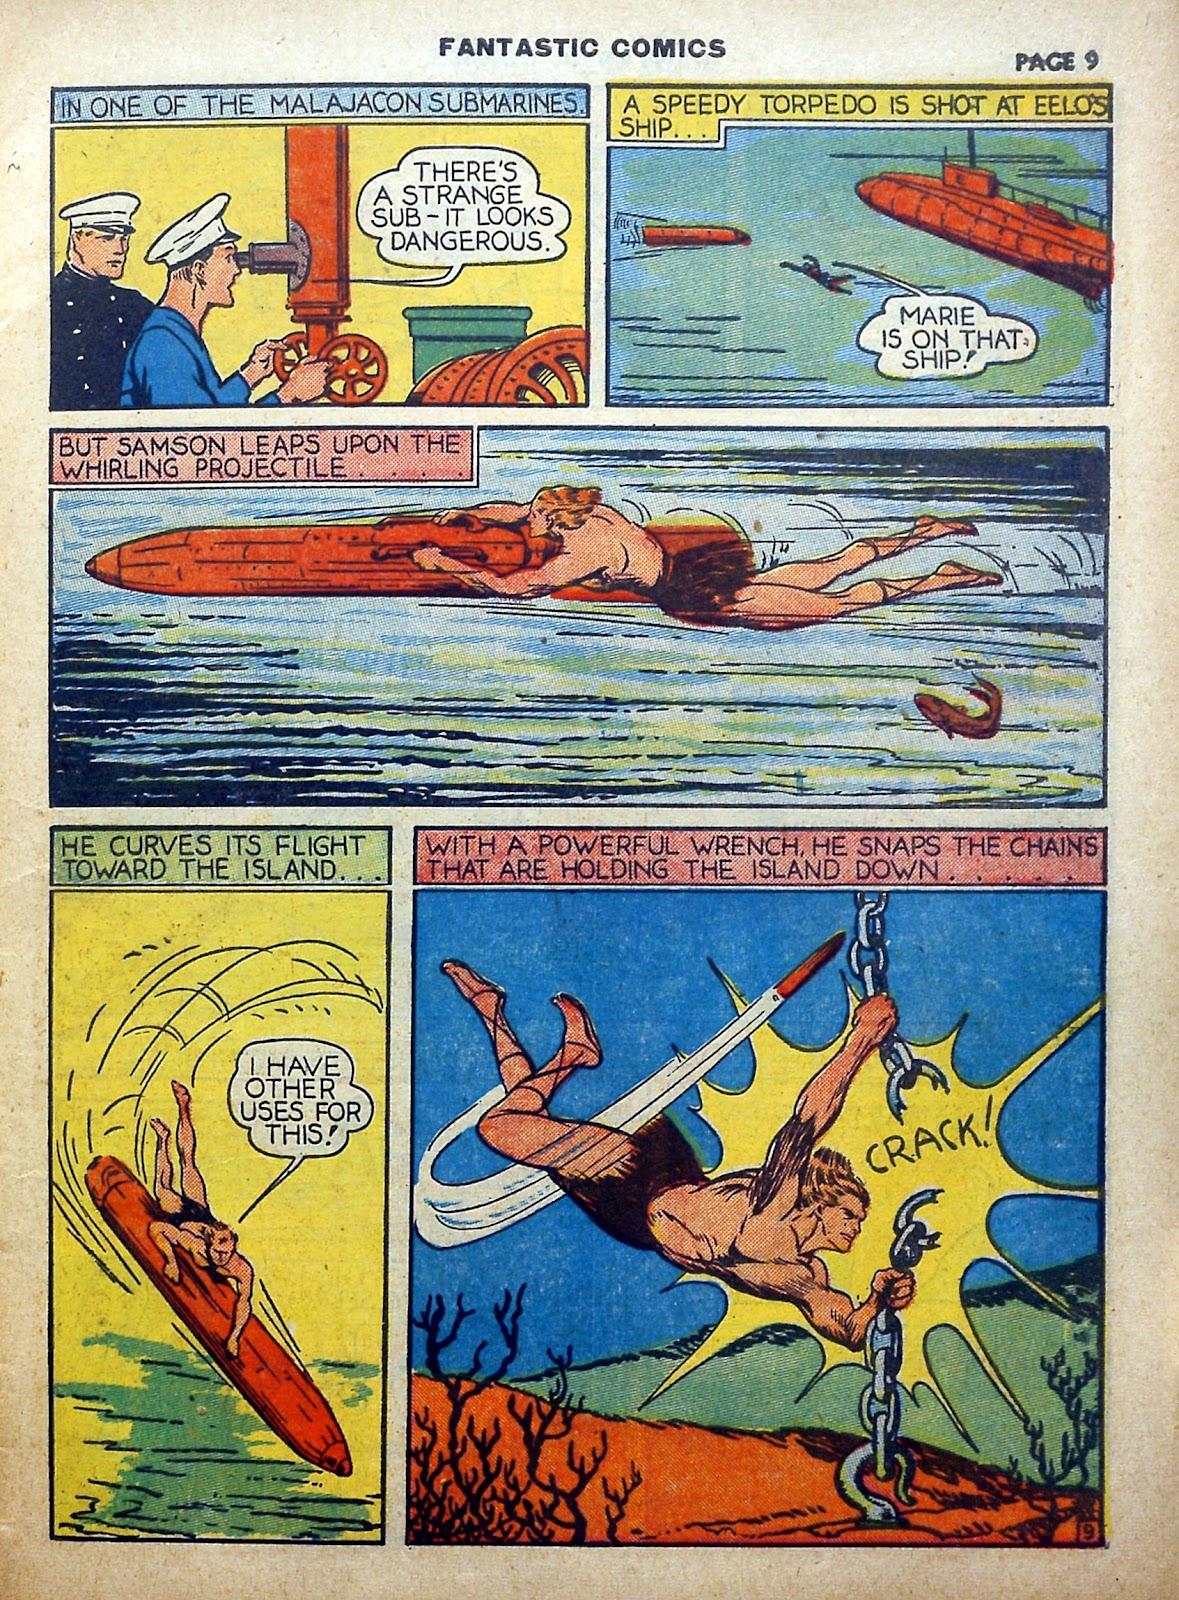 Read online Fantastic Comics comic -  Issue #5 - 10